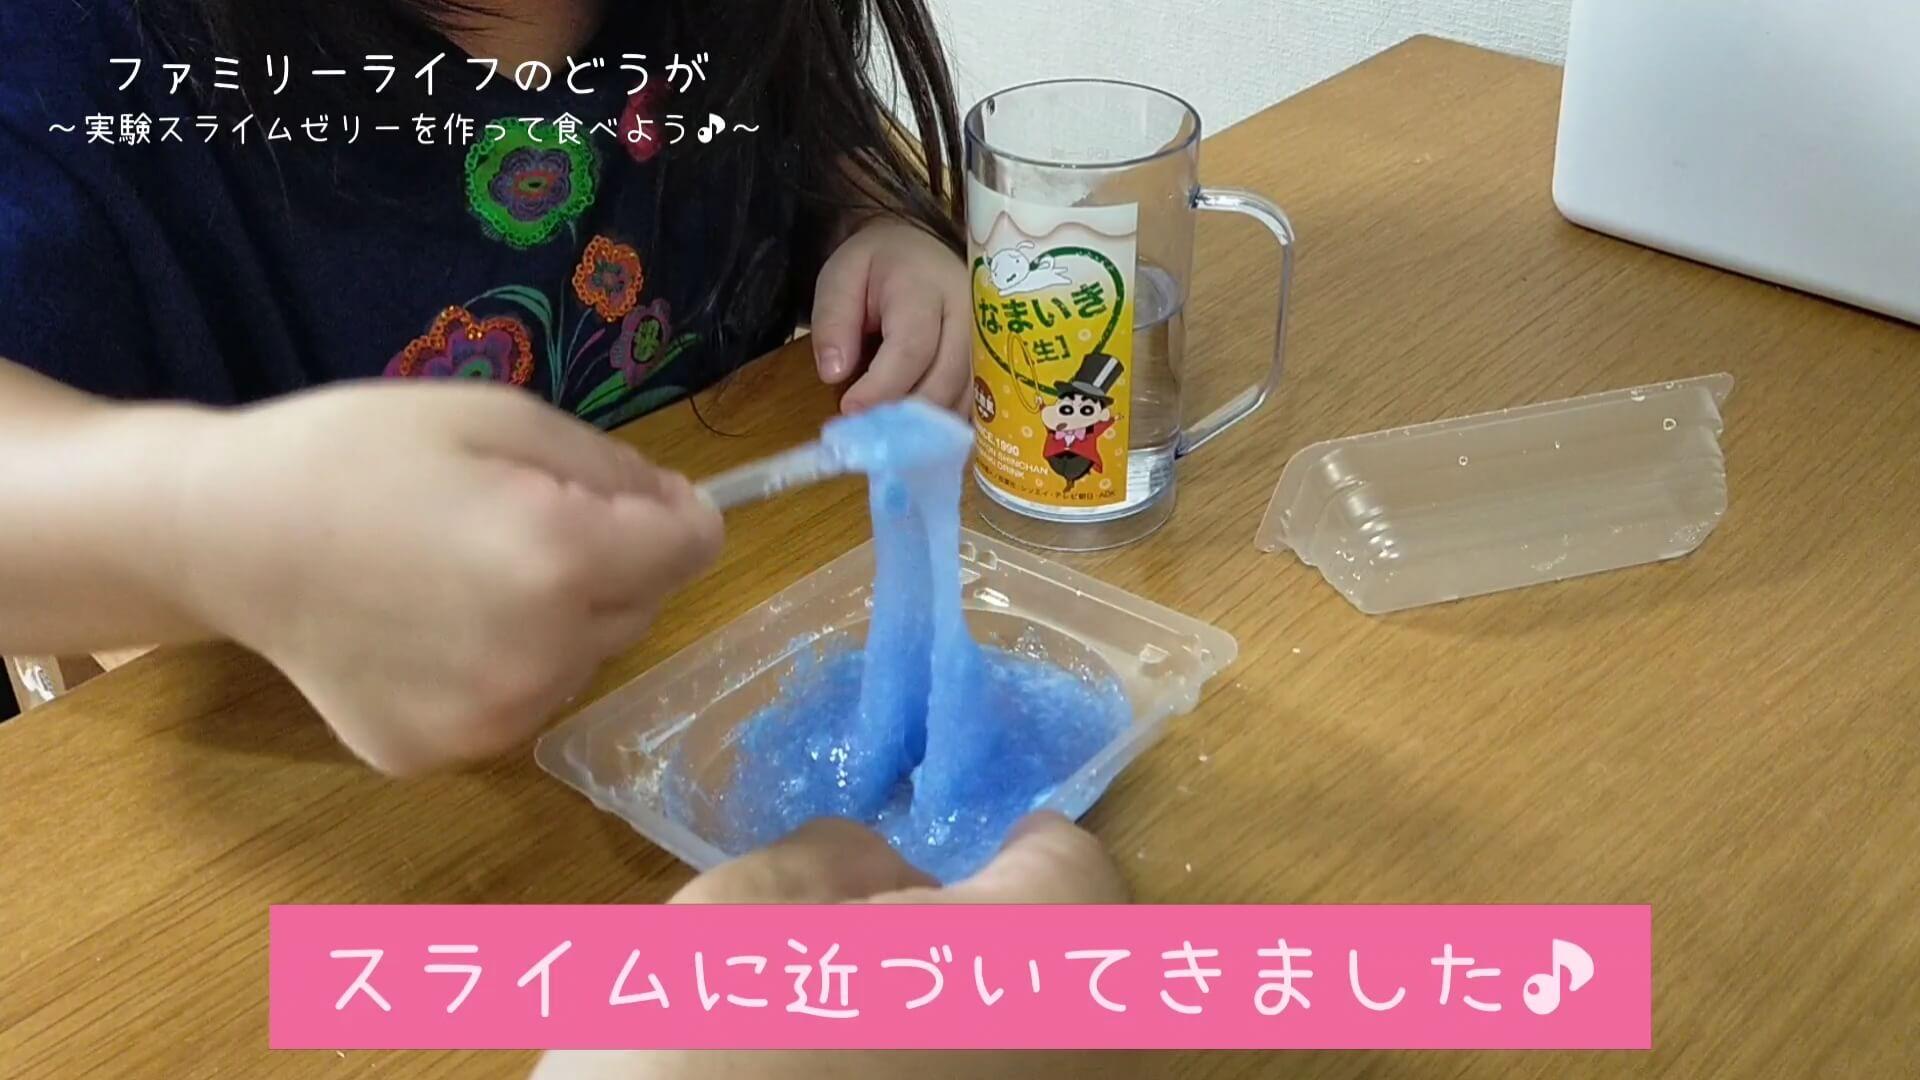 【手づくりおかし】実験スライムゼリーを作ってみた!本当のスライムみたいで娘が大喜び♪